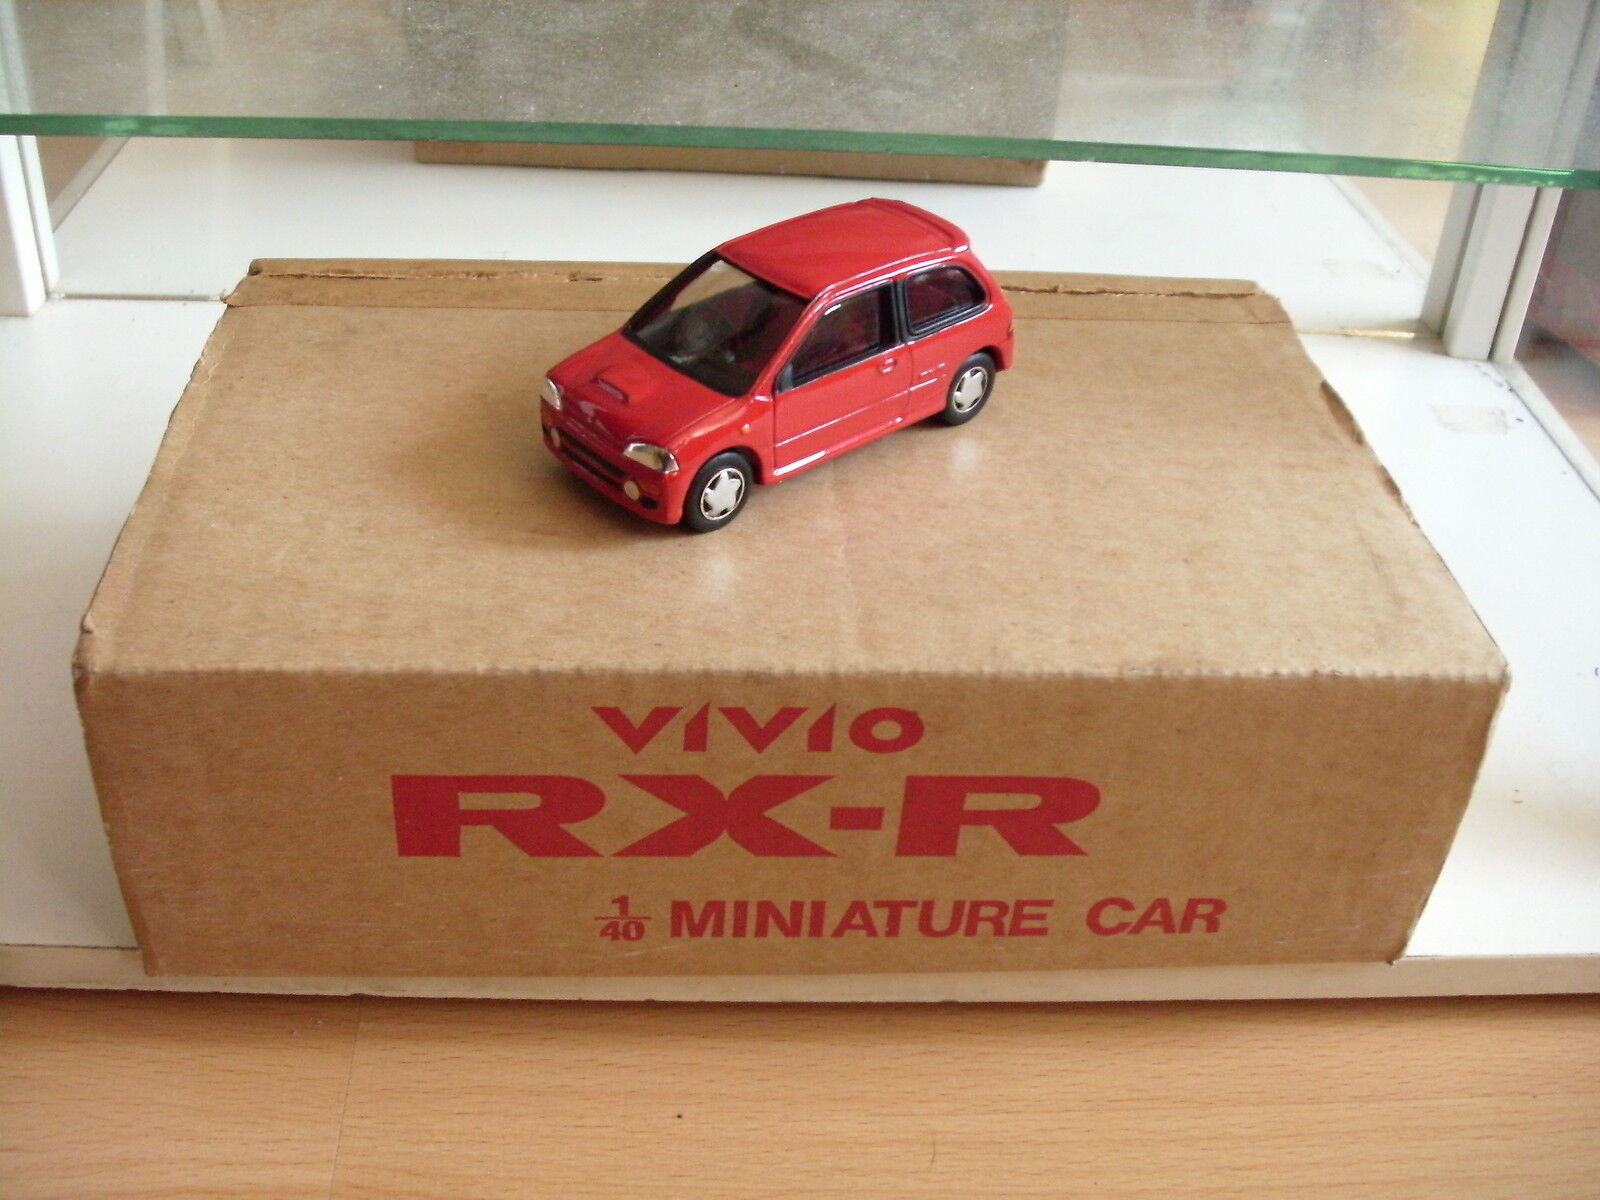 Von hand gebaut - modell fuji industrien subaru vivio rx-r rot 1  40 im kasten